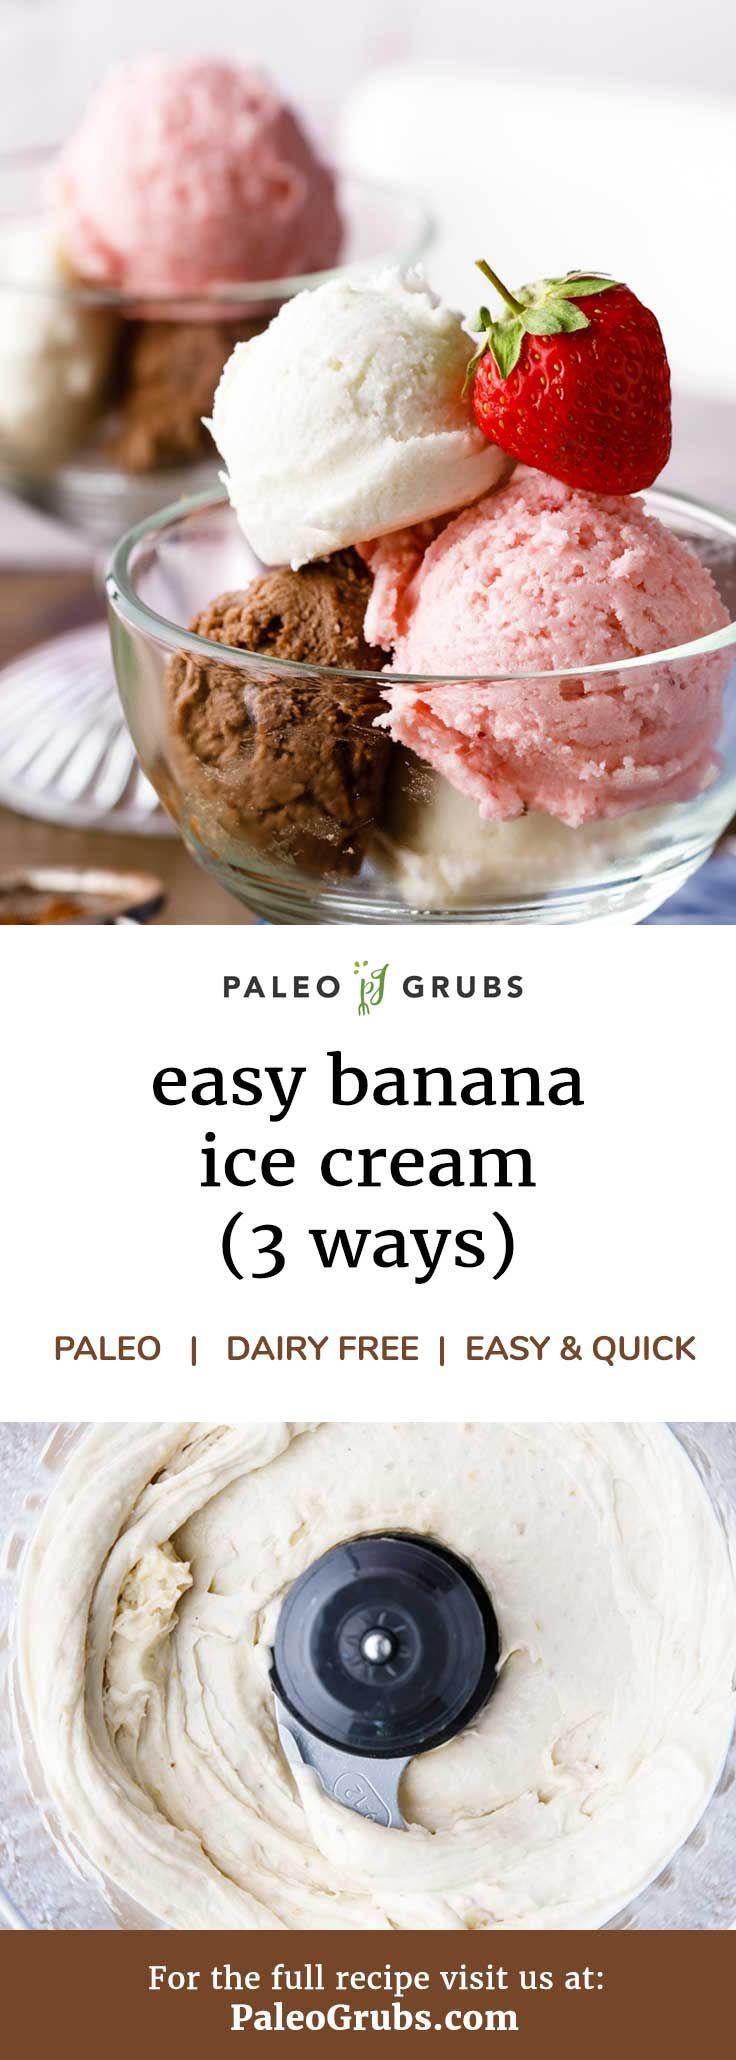 3 einfache Bananeneis-Rezepte (Schokolade, Vanille und Erdbeere)   – Paleo Baking